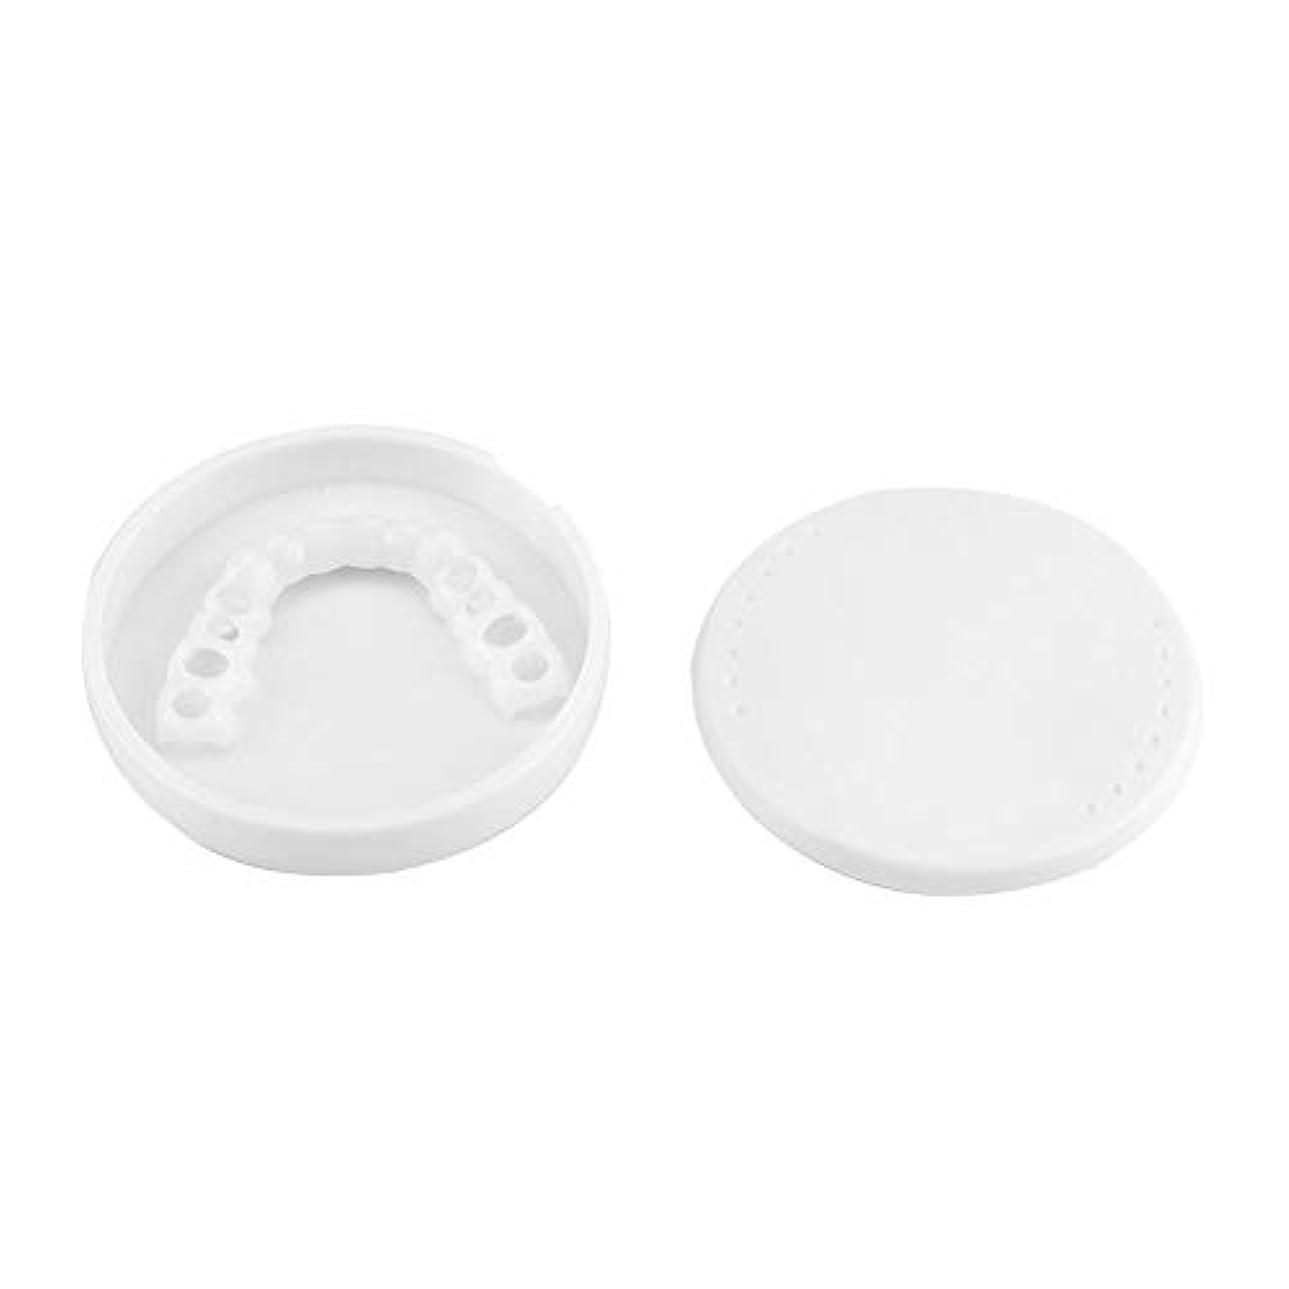 煩わしいチャンスアイザックSalinr インスタント 完璧なベニヤの歯スナップキャップを白く 一時的な化粧品歯義 歯化粧品シミュレーション 白くする歯カバー フィットフレックス歯ベニア上の歯+下歯のセット